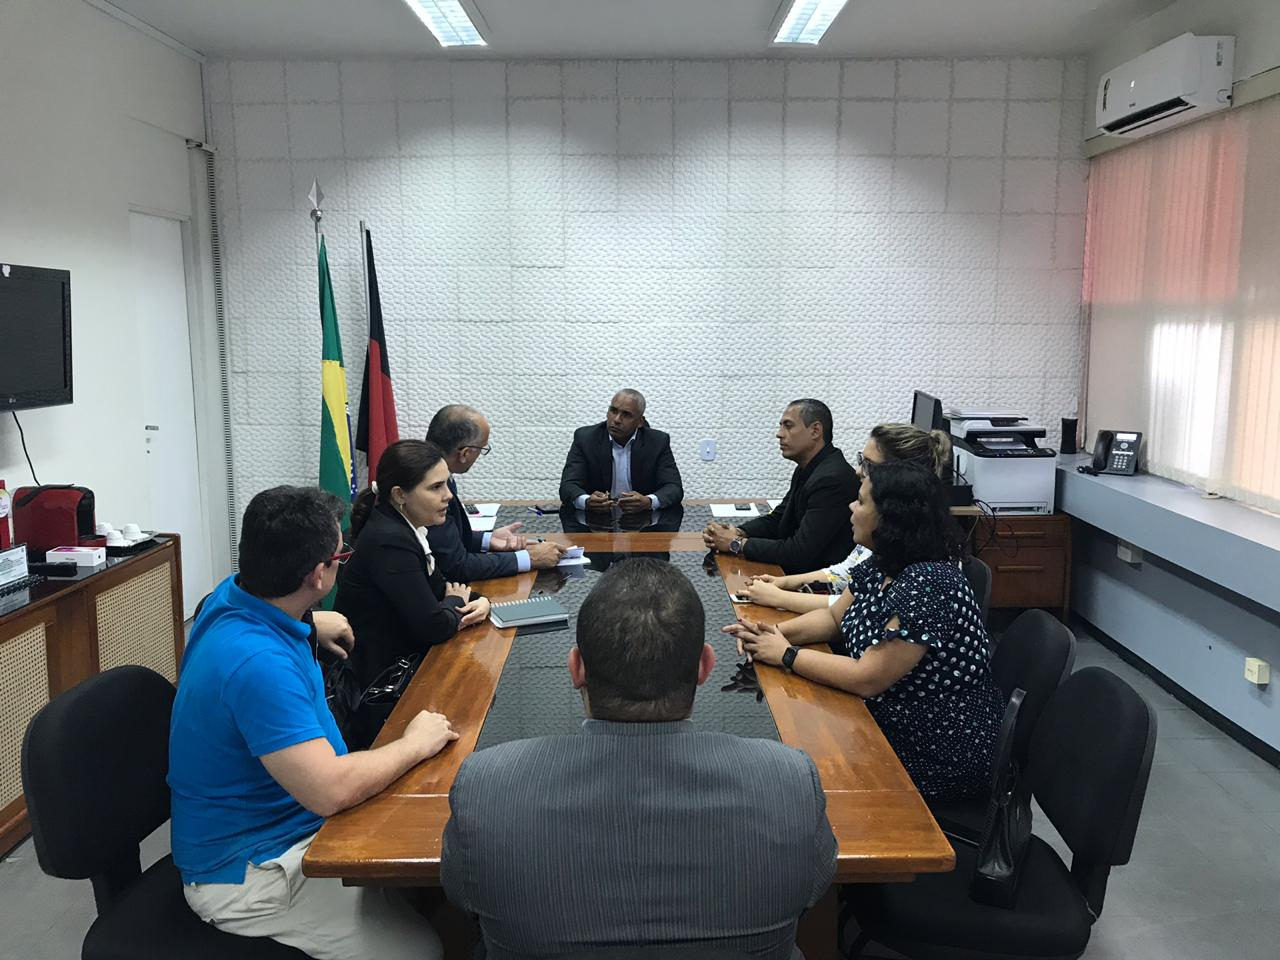 Comissão da OAB-PB se reúne com secretário do estado e discute sistema penitenciário paraibano